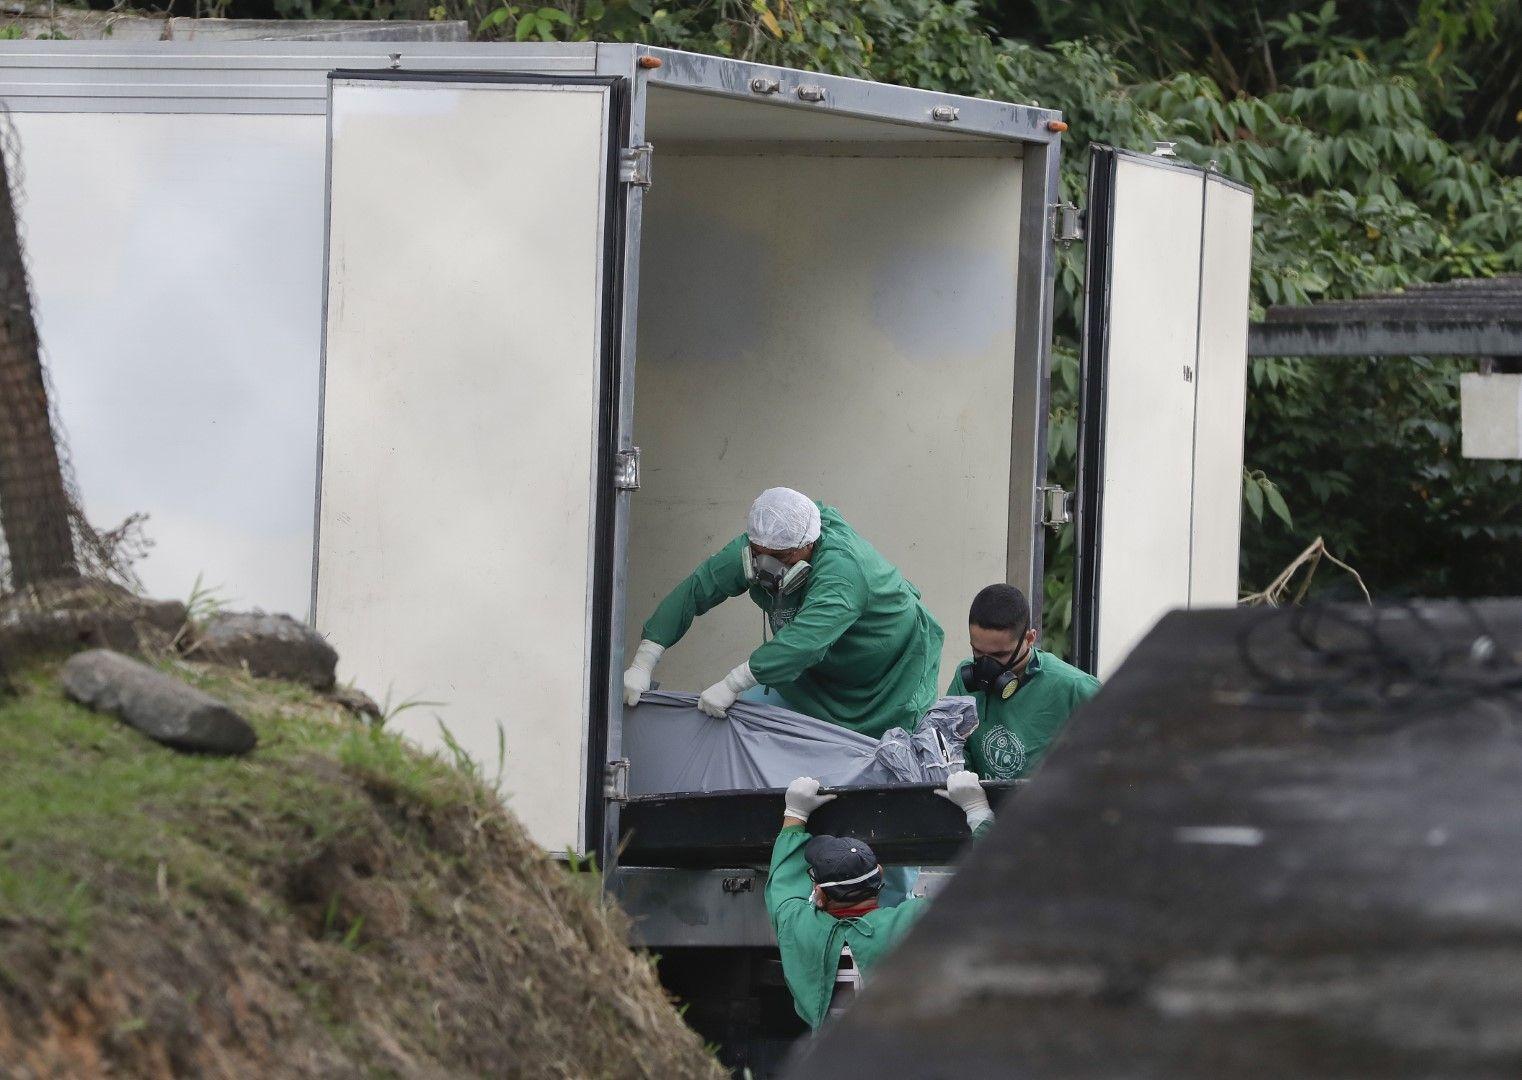 42 удушени затворници са открити в четири бразилски затвора